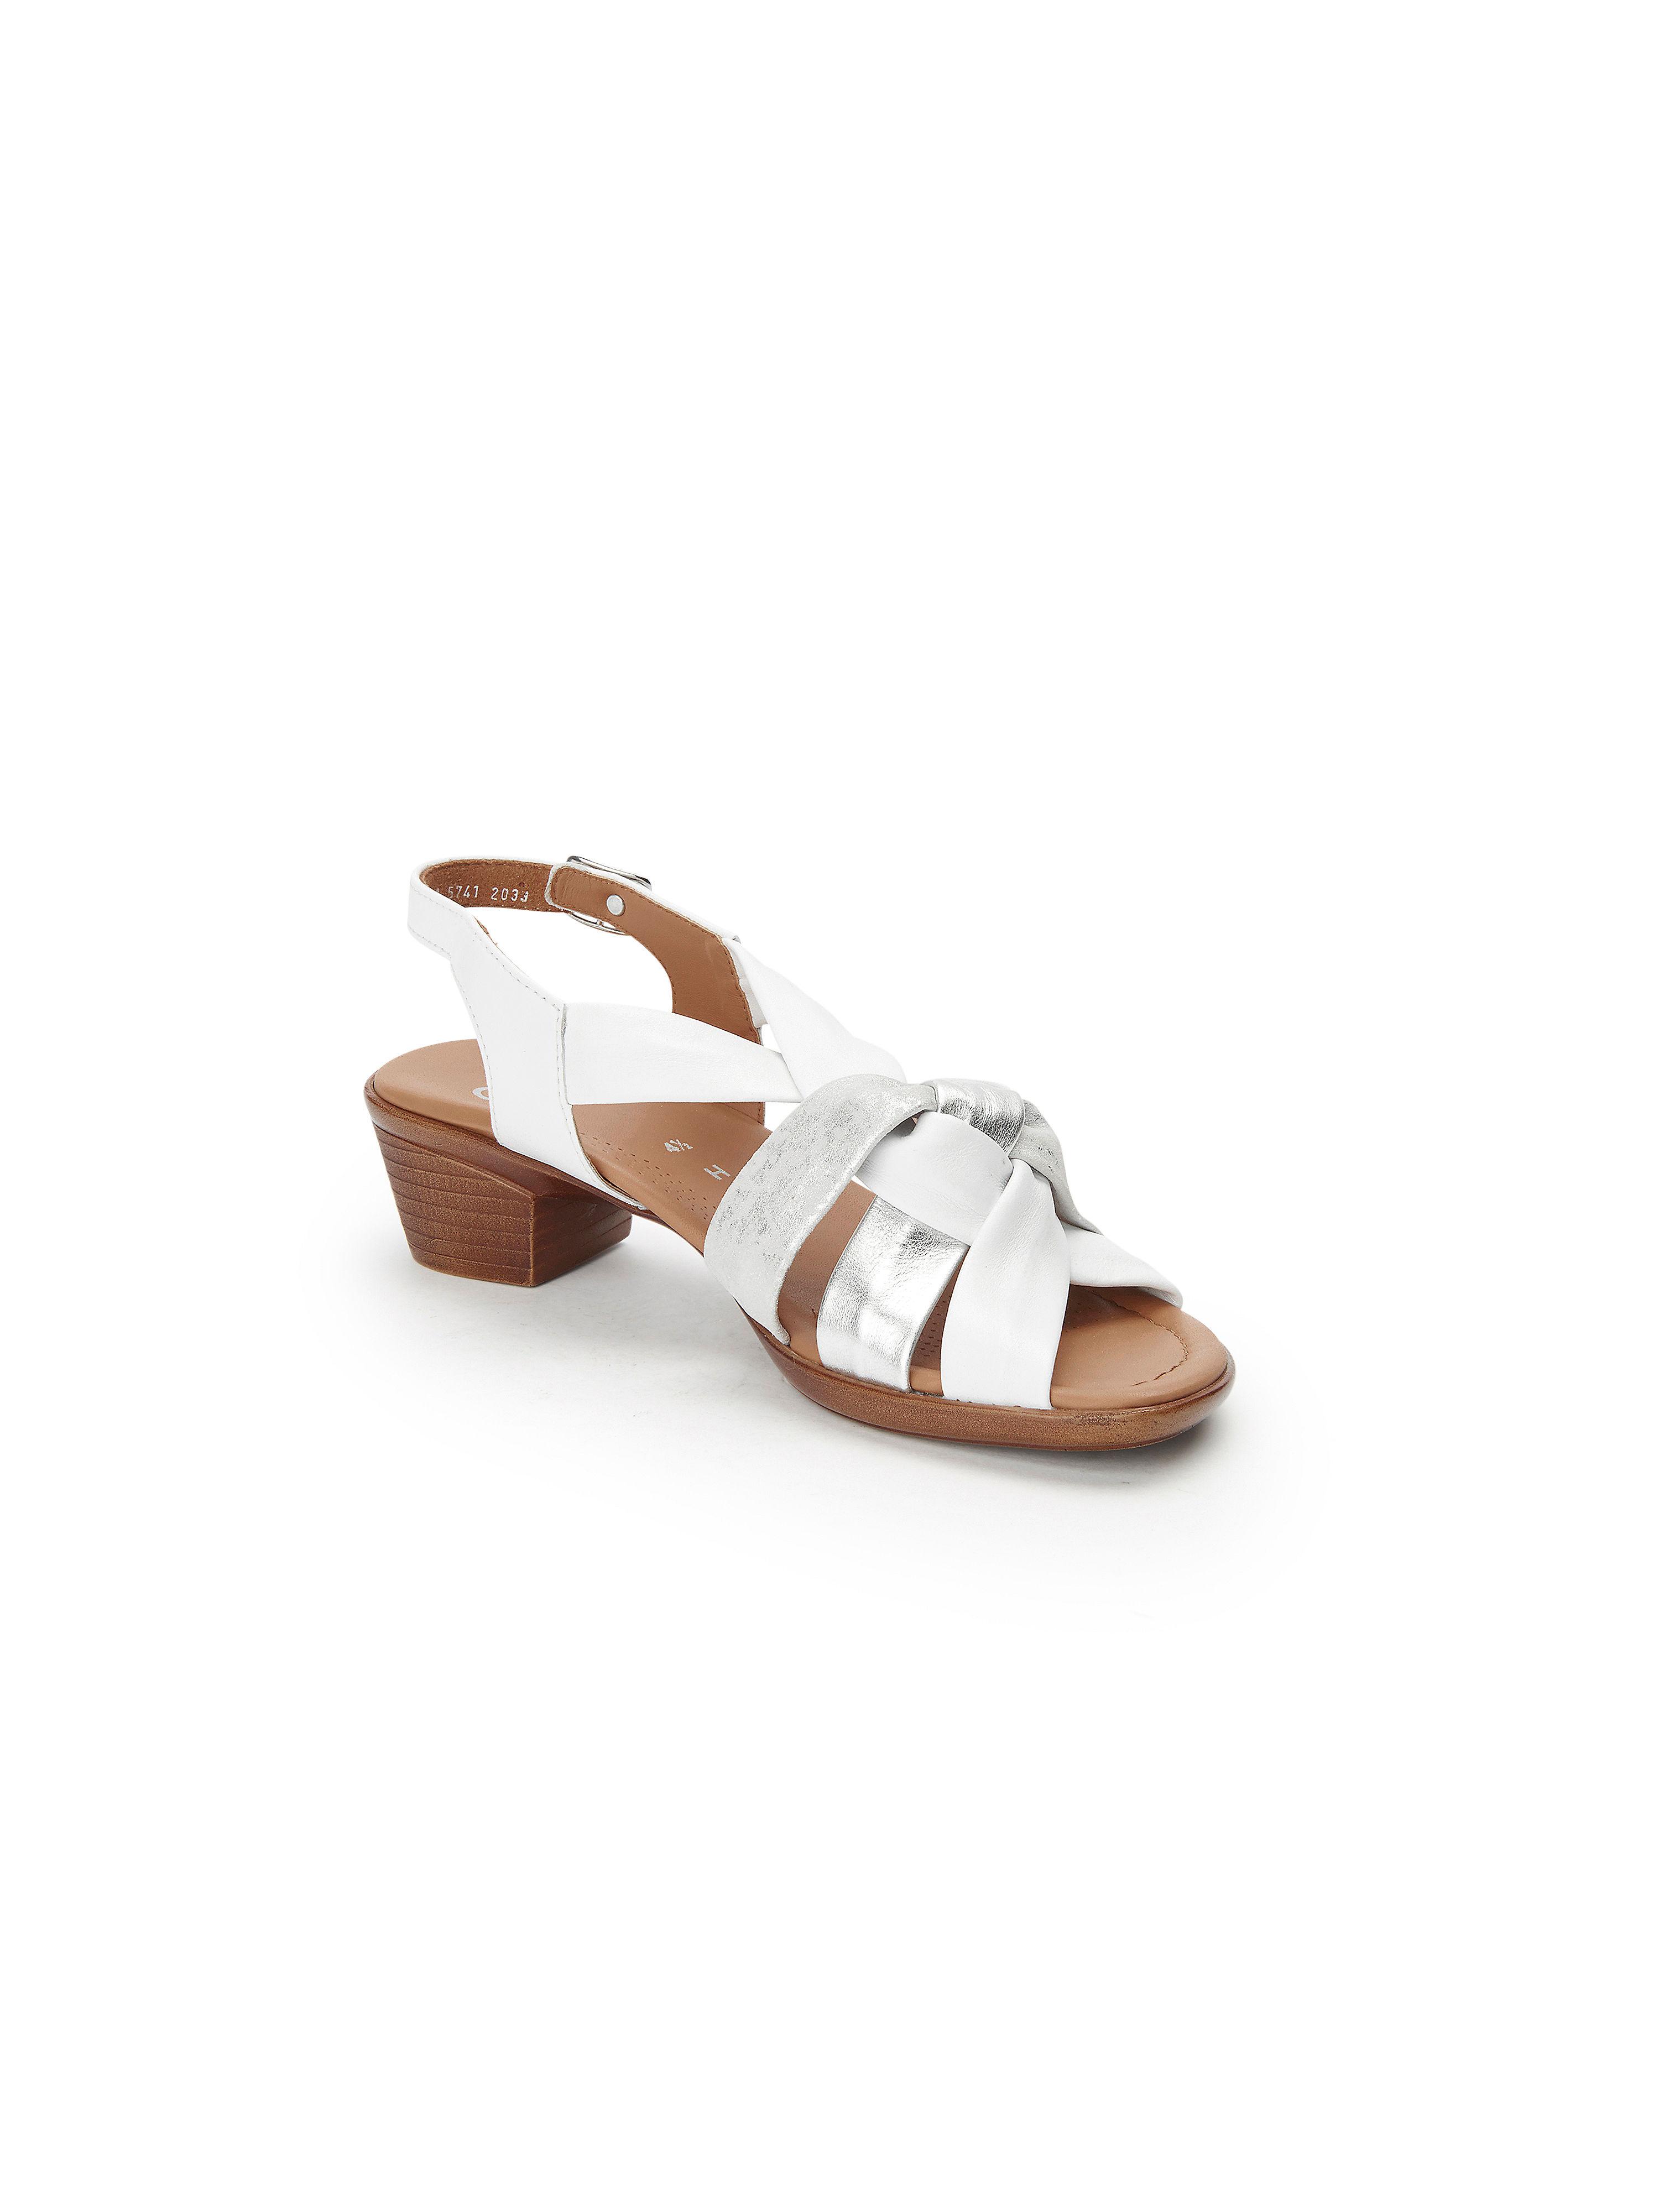 ARA - Sandale aus 100% Leder - Weiß Gute Qualität beliebte Schuhe